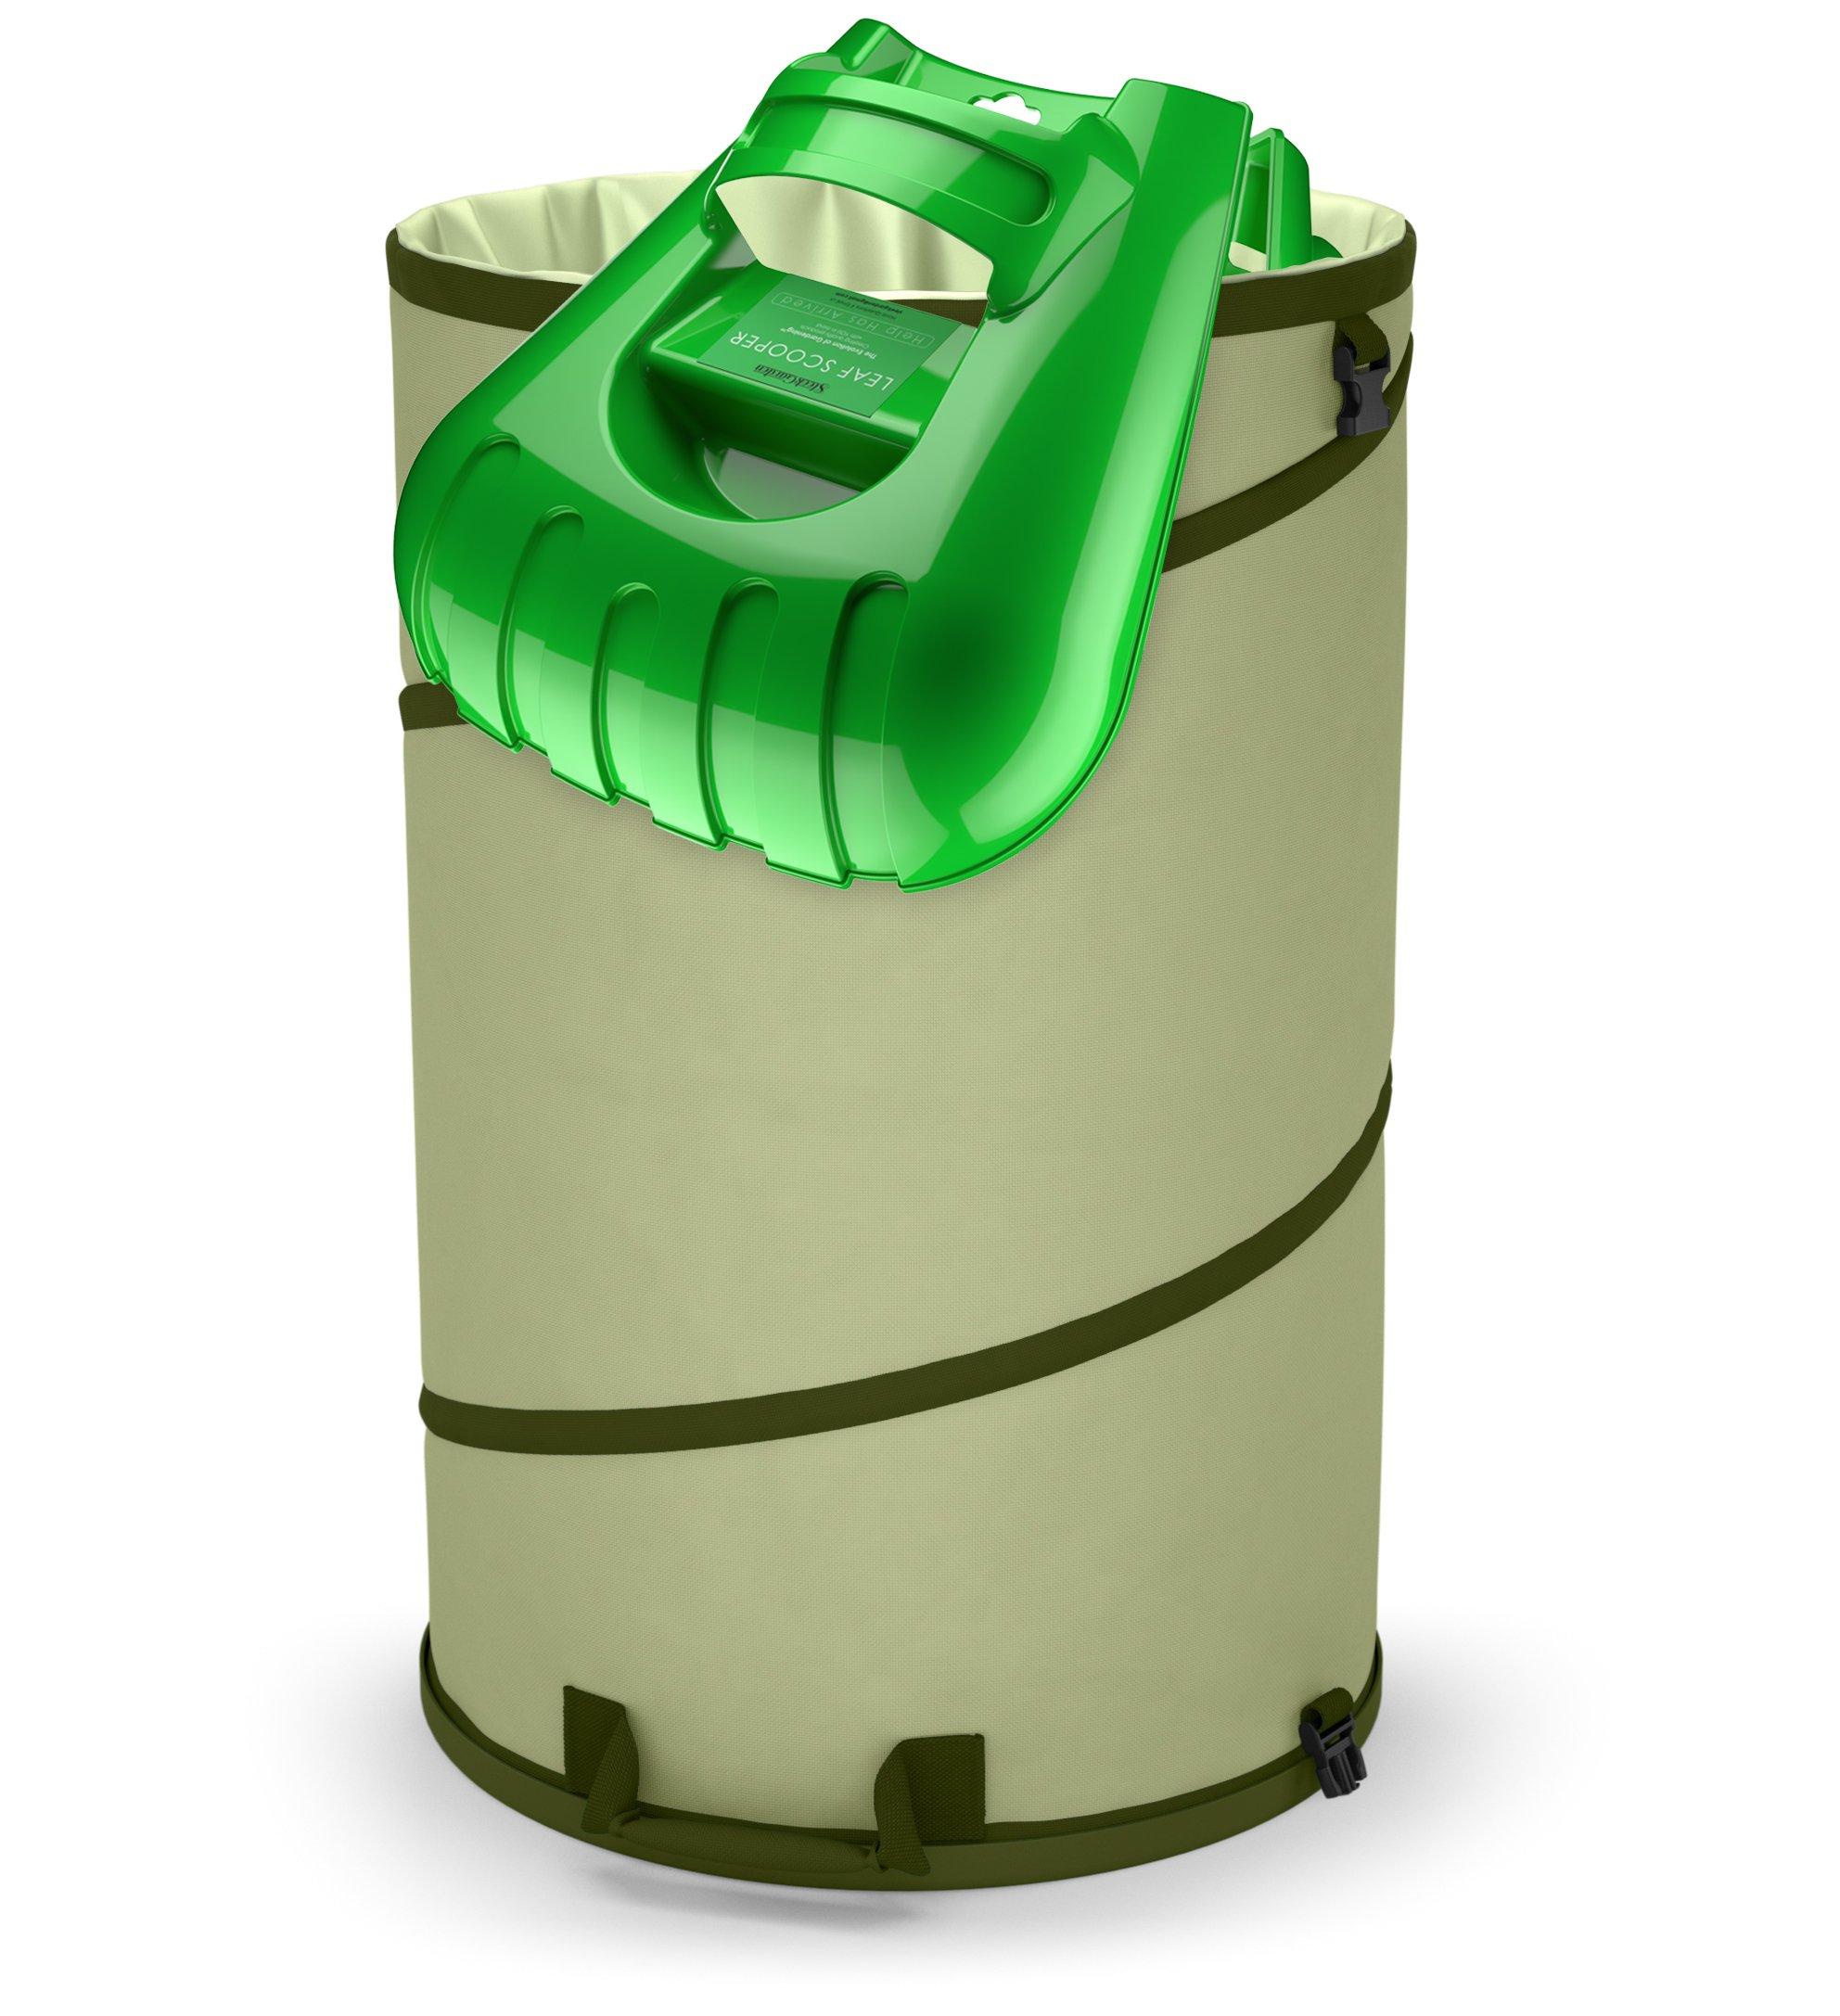 SMART Collapsible 30-Gallon Canvas Garden Waste Bag | Pop-Up Reusable Garden Leaf Bag Holder with Hardened Bottom + Ergonomic Large Leaf Scoop Hand Rakes –Fast Leaf Debris and Yard Waste Removal